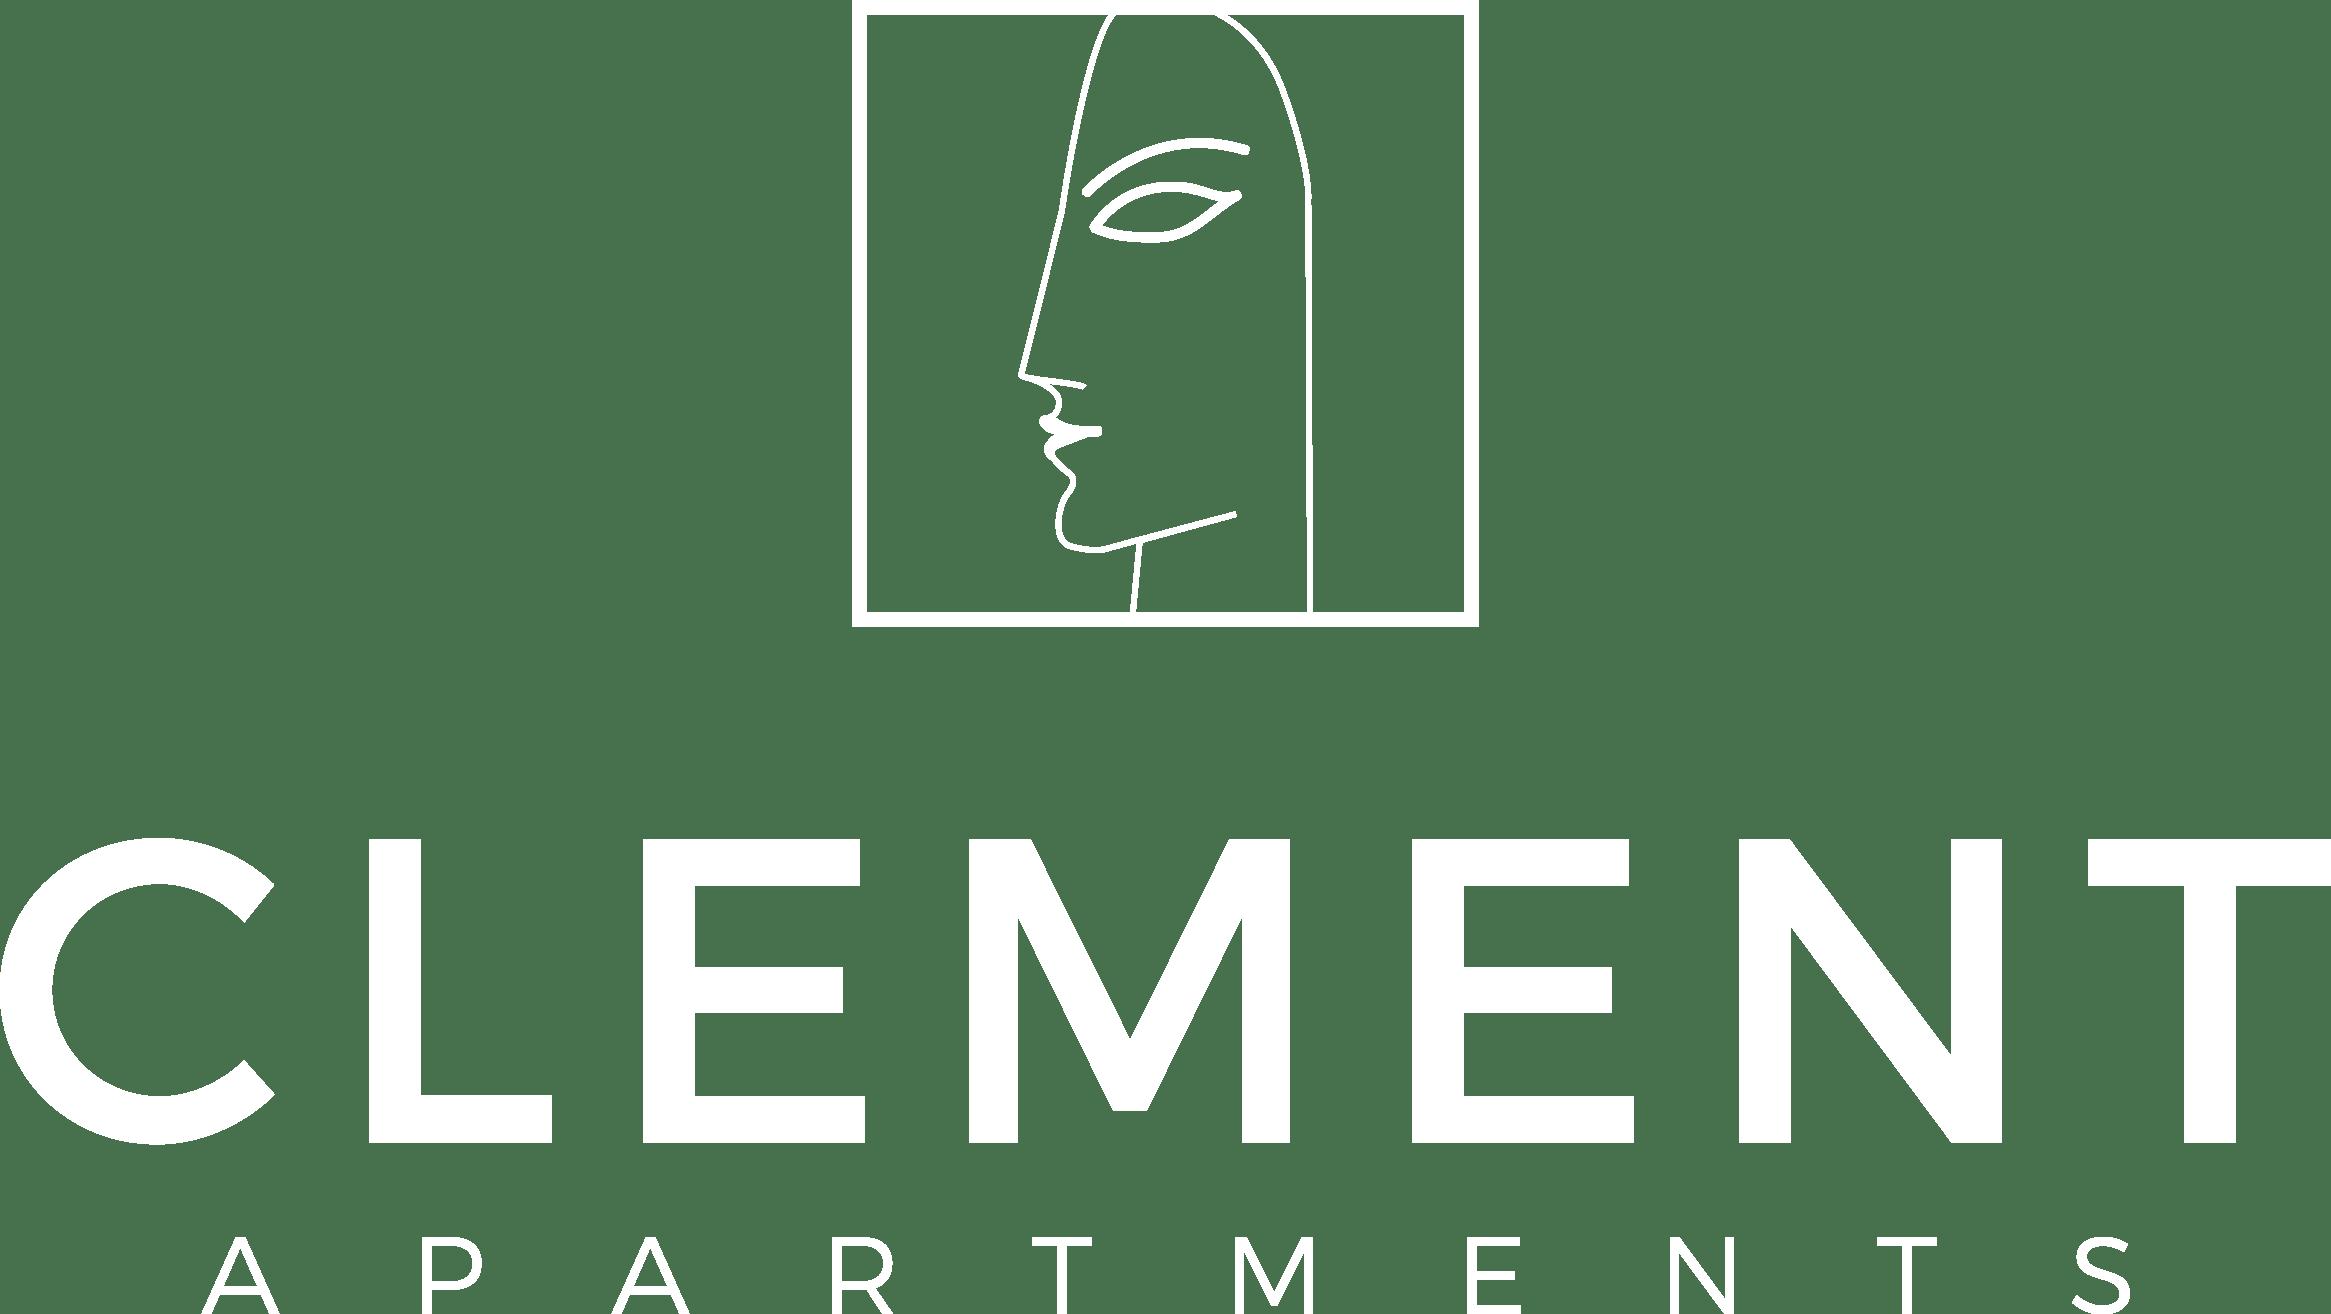 Clement Apartments